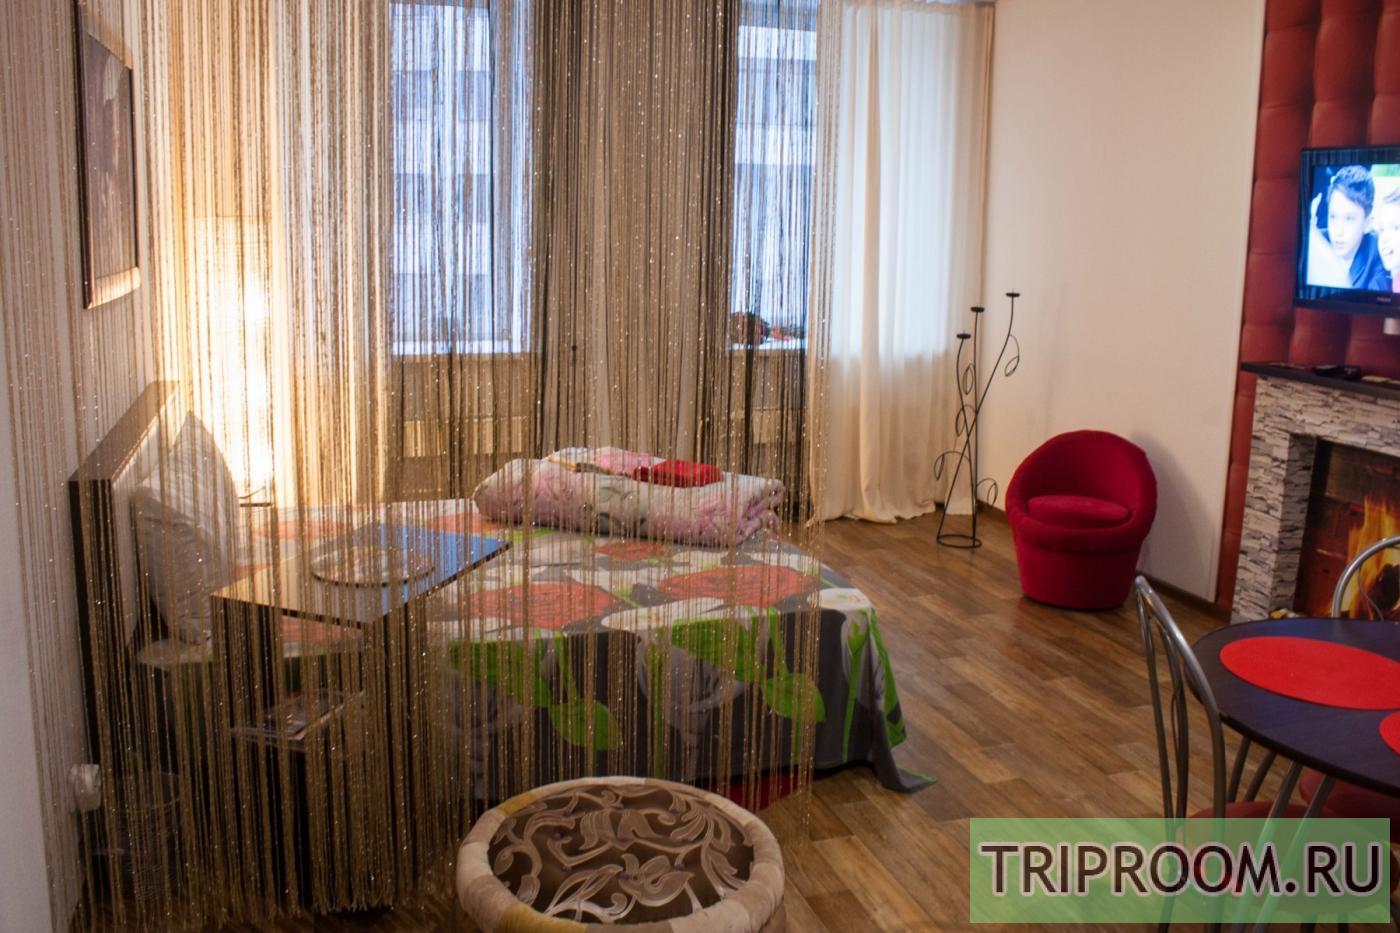 1-комнатная квартира посуточно (вариант № 34584), ул. Екатерининская улица, фото № 3